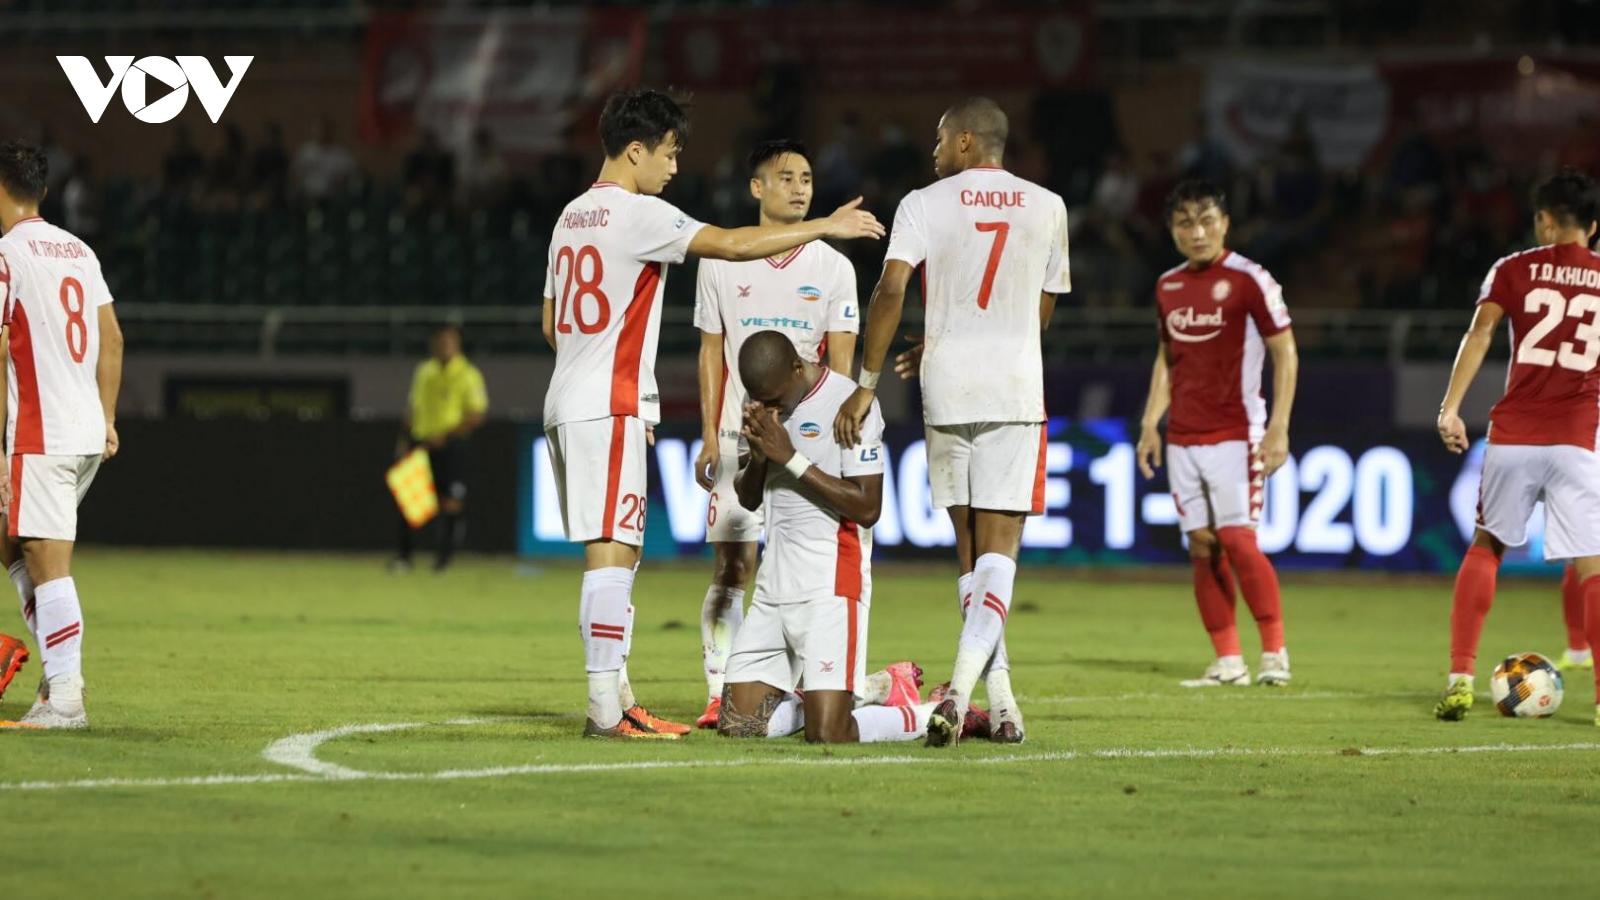 Đánh bại CLB TPHCM trên sân khách, Viettel lên ngôi đầu bảng V-League 2020